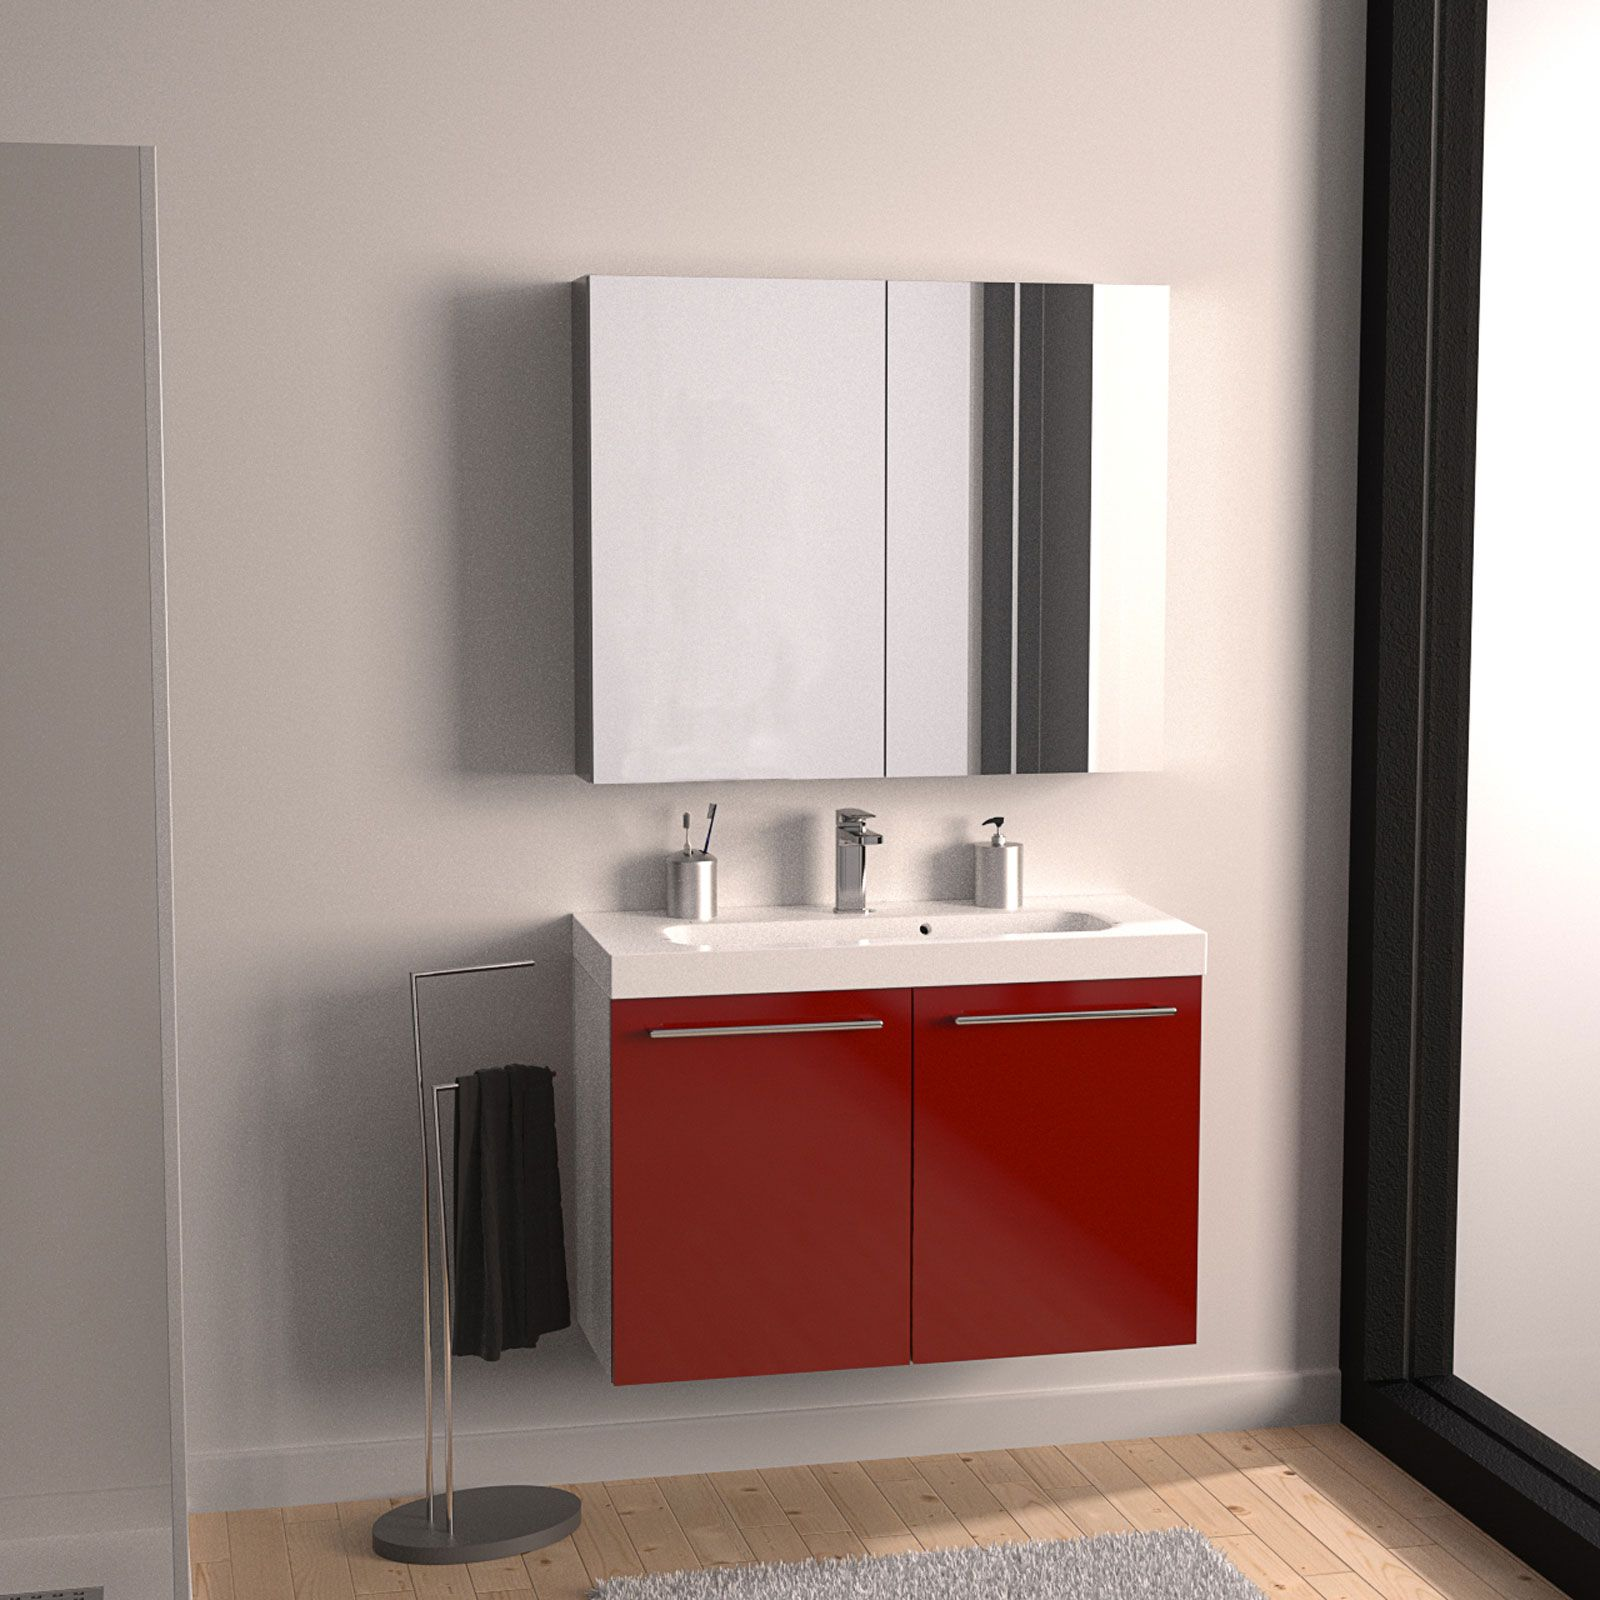 Ha finitura rosso lucido il mobile lavabo Remix 2 di Leroy Merlin ...